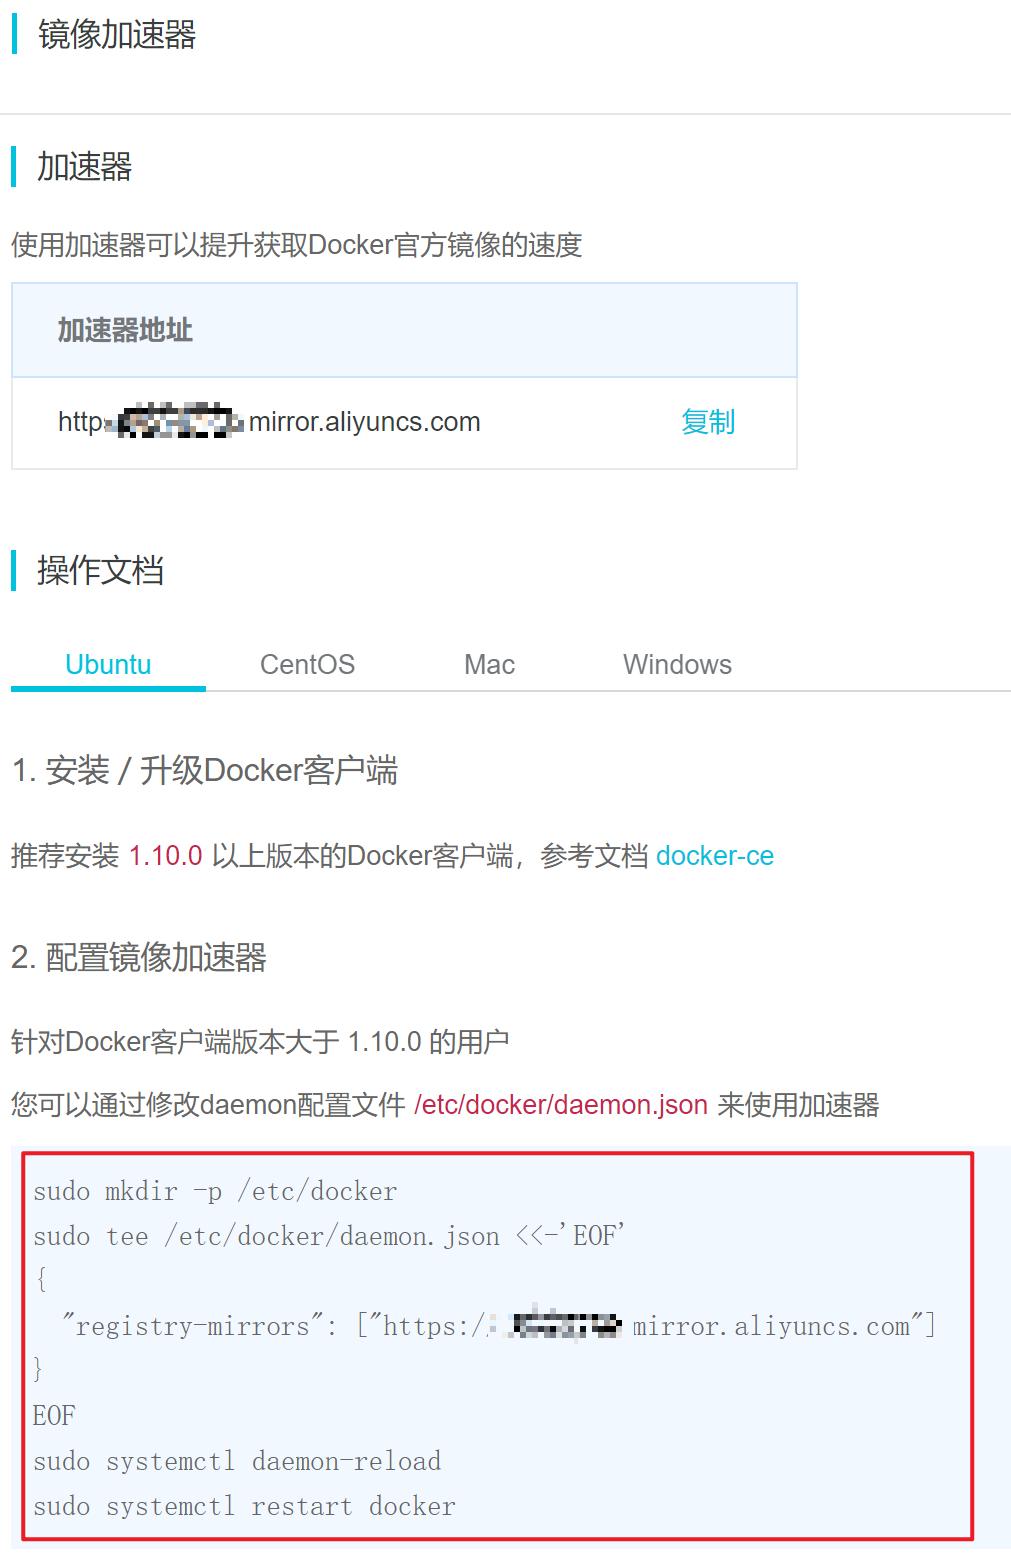 用国内软件源加速Docker-CE 安装– 米饭粑